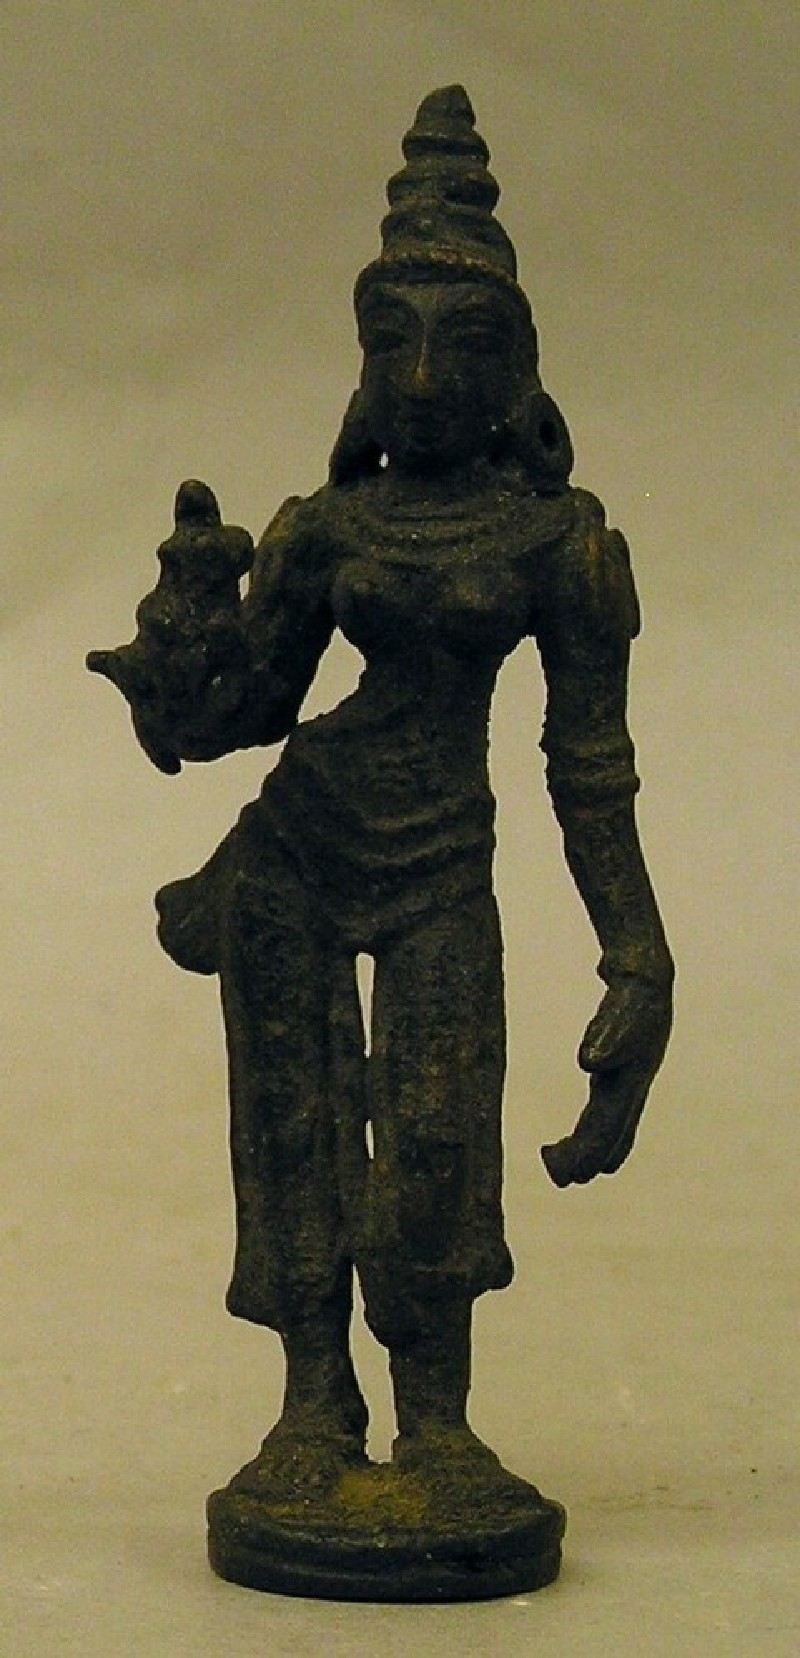 Figurine (EA1958.172, record shot)